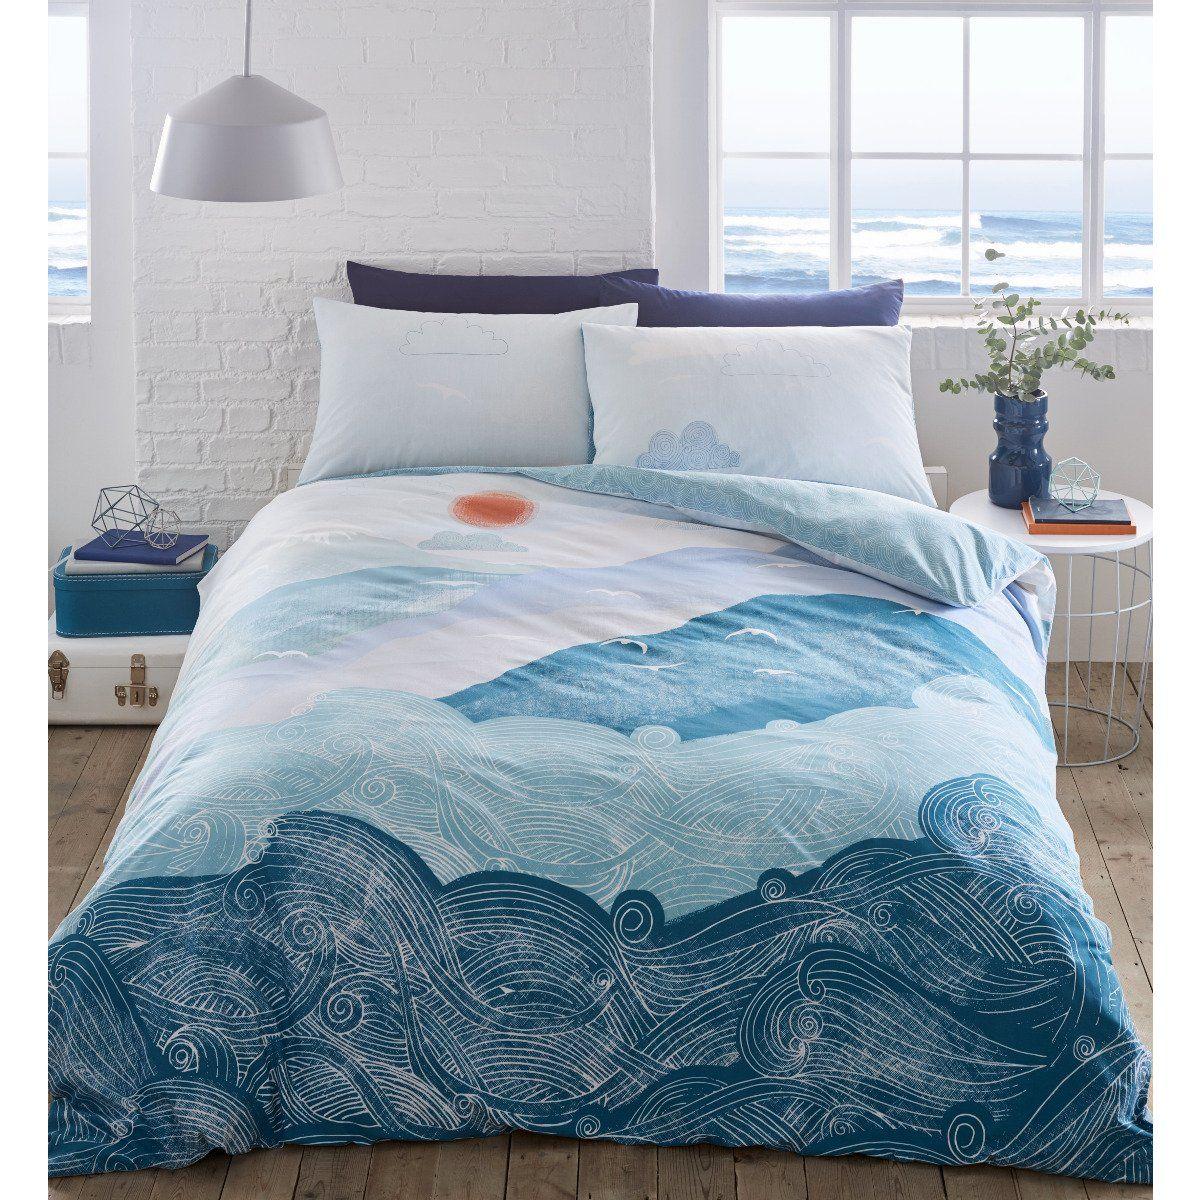 Nami Wave Blue Bedding Set Sleepdown Official Uk Duvet Cover Sets Bedding Linen In 2020 Blue Bedding Sets Blue Bedding Single Bedding Sets